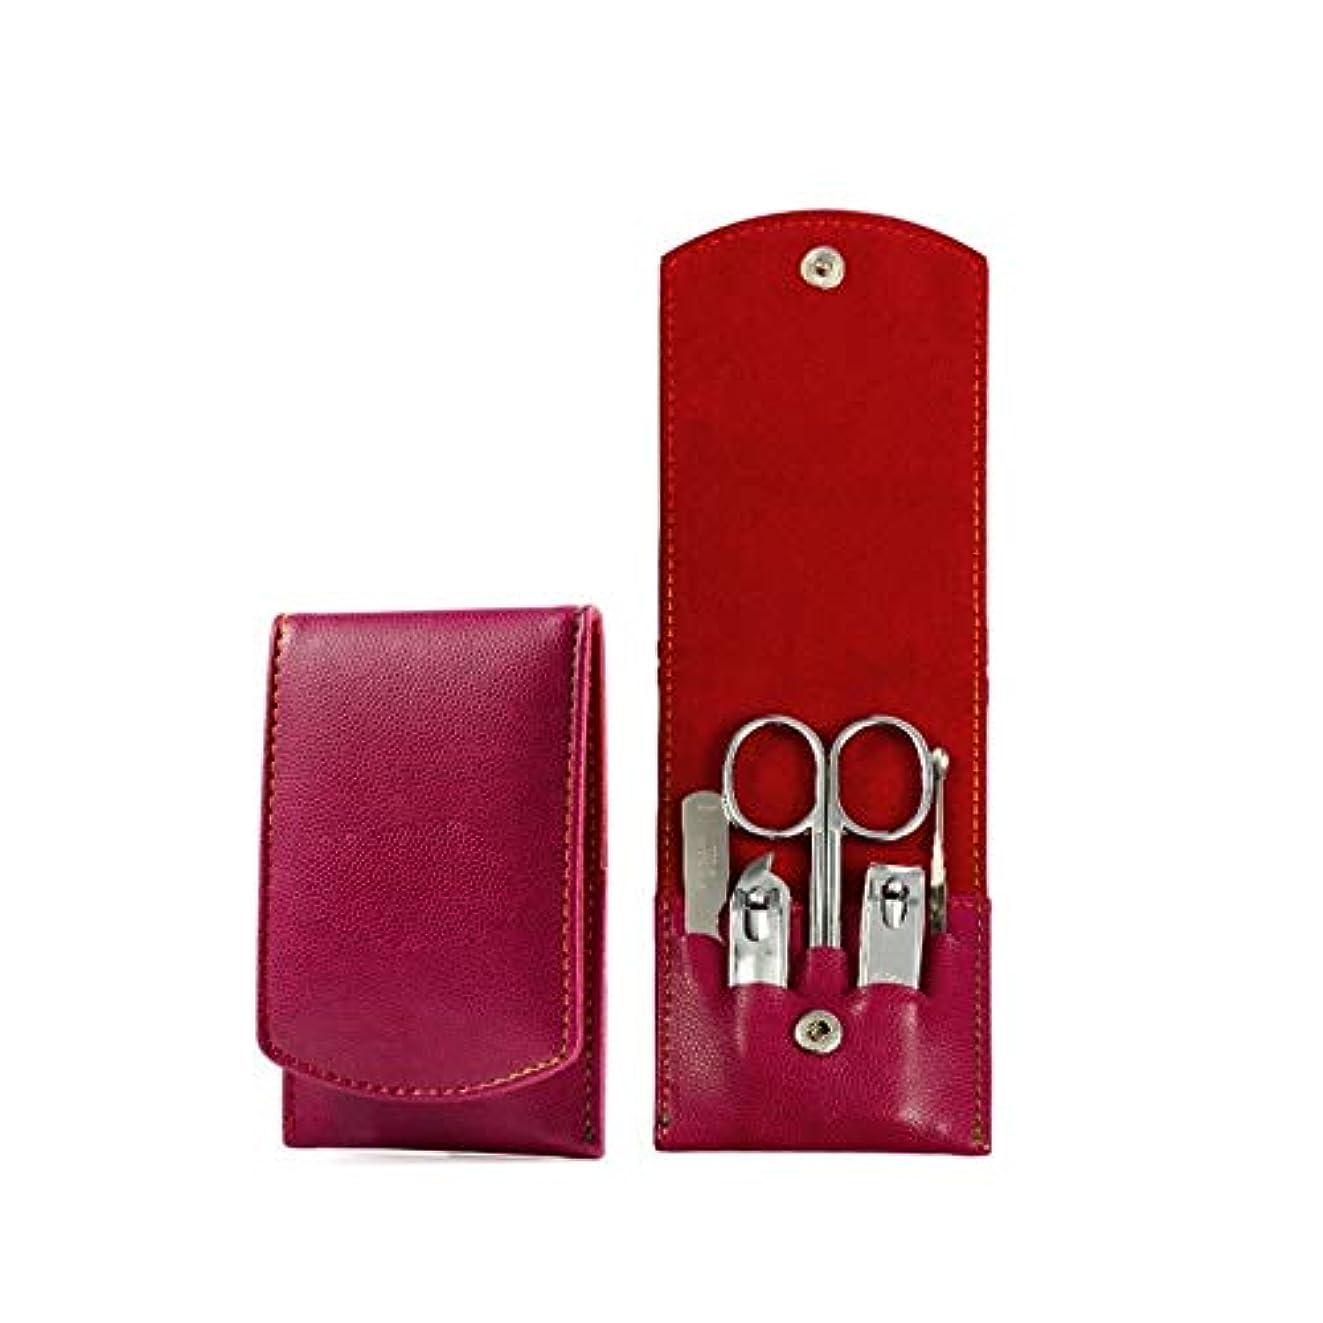 肺炎不倫アンケートTUOFL リペアコンビネーションマニキュアと美容ツール5セット、大型機能アクセサリーセット、シャープで耐久性 (Color : Red)